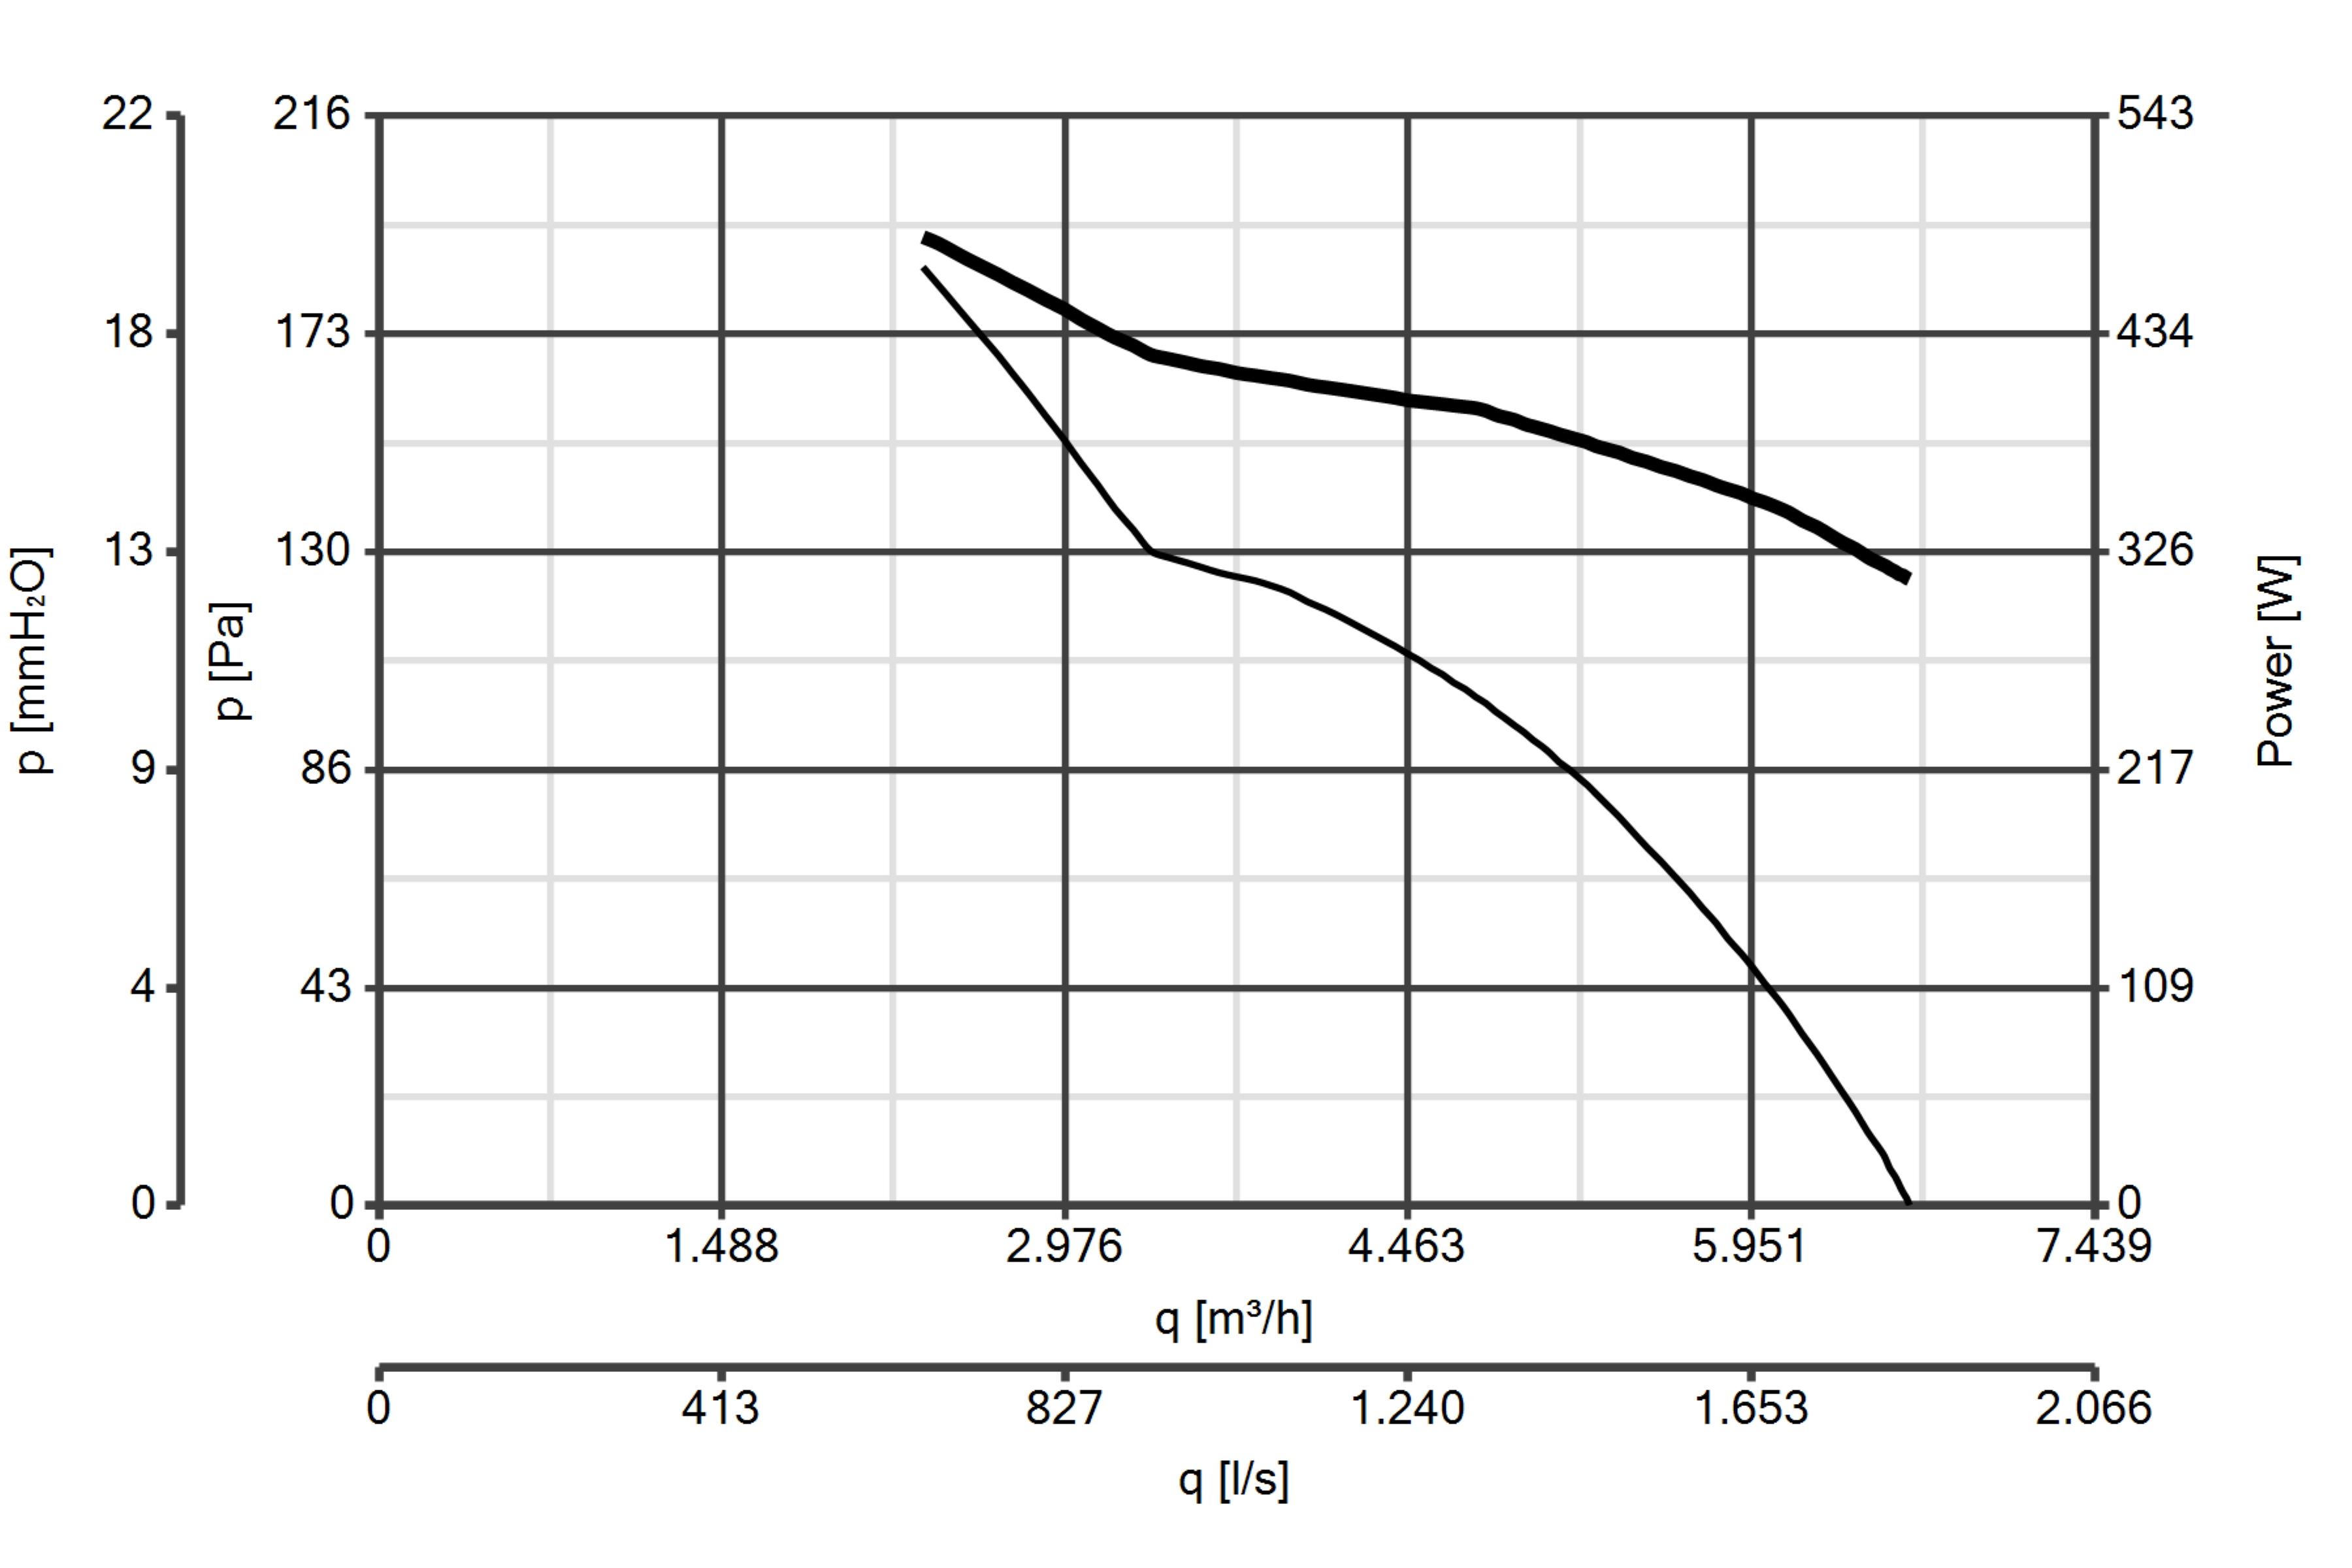 Curba de functionare ventilator de perete